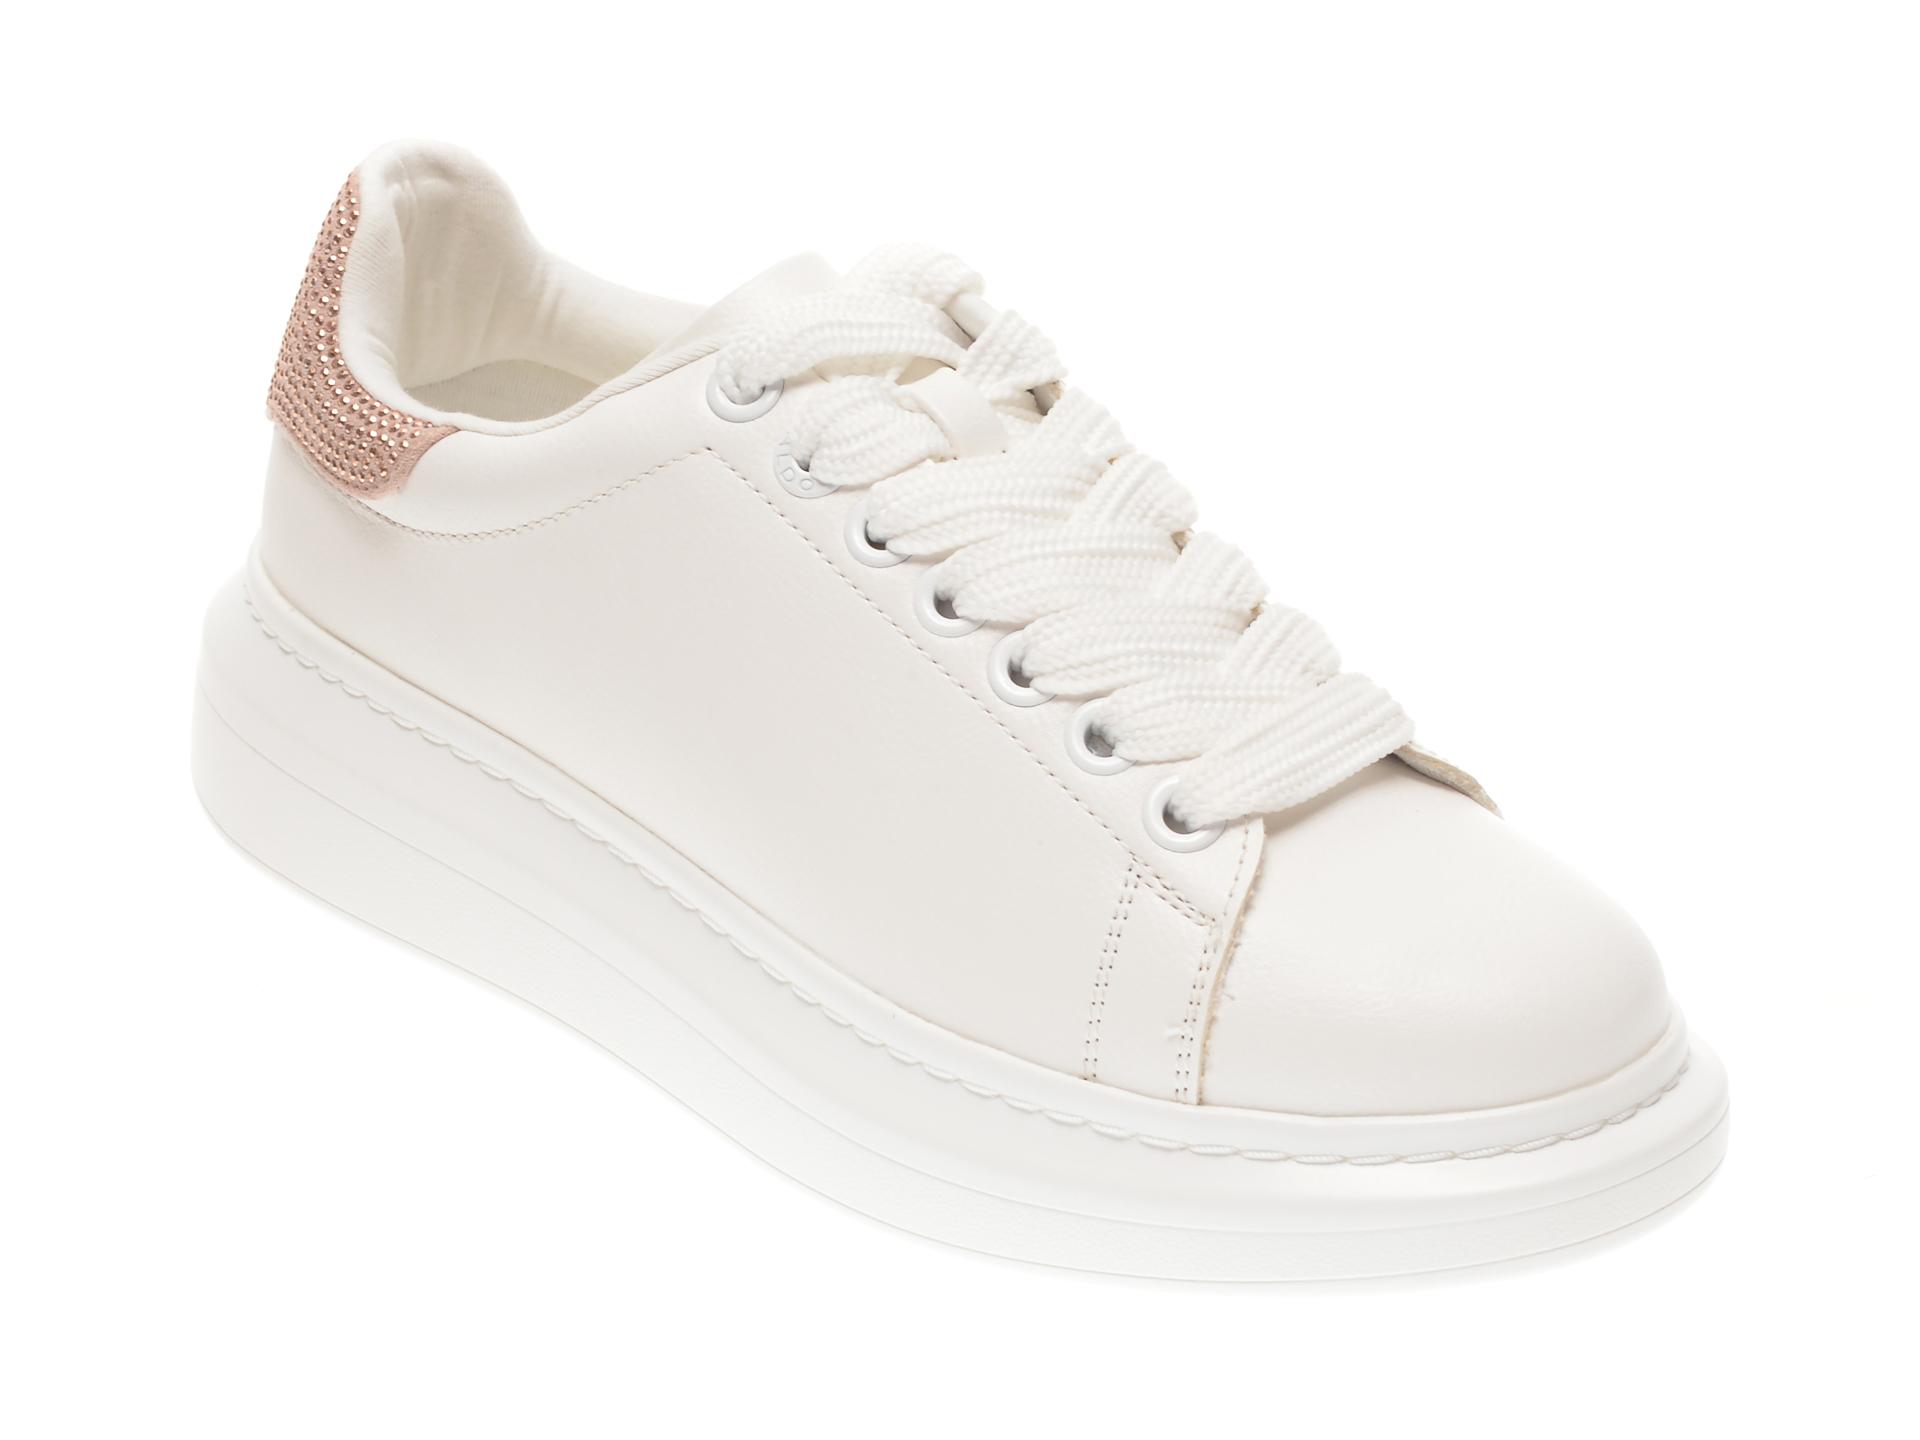 Pantofi sport ALDO albi, Dazzle680, din piele ecologica imagine otter.ro